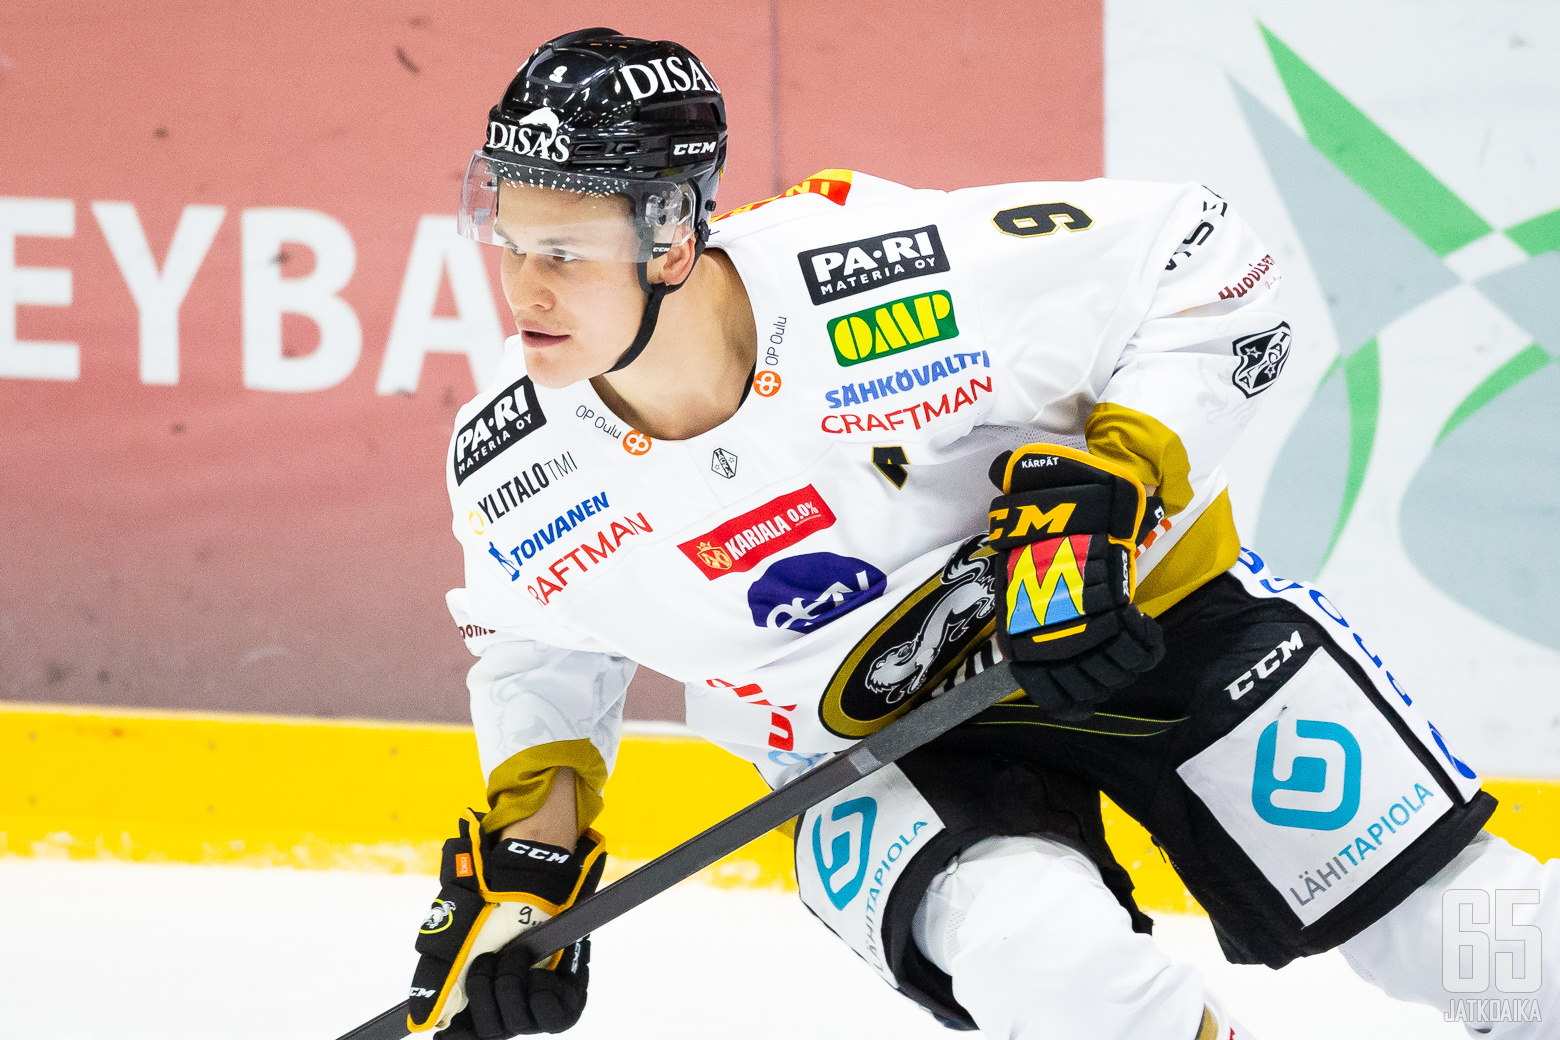 Jesse Puljujärvi, Kärpät ottelussa HIFK - Kärpät, 9/10/2020, Helsingin jäähalli, Helsinki, Suomi. Photo: Joonas Kämäräinen